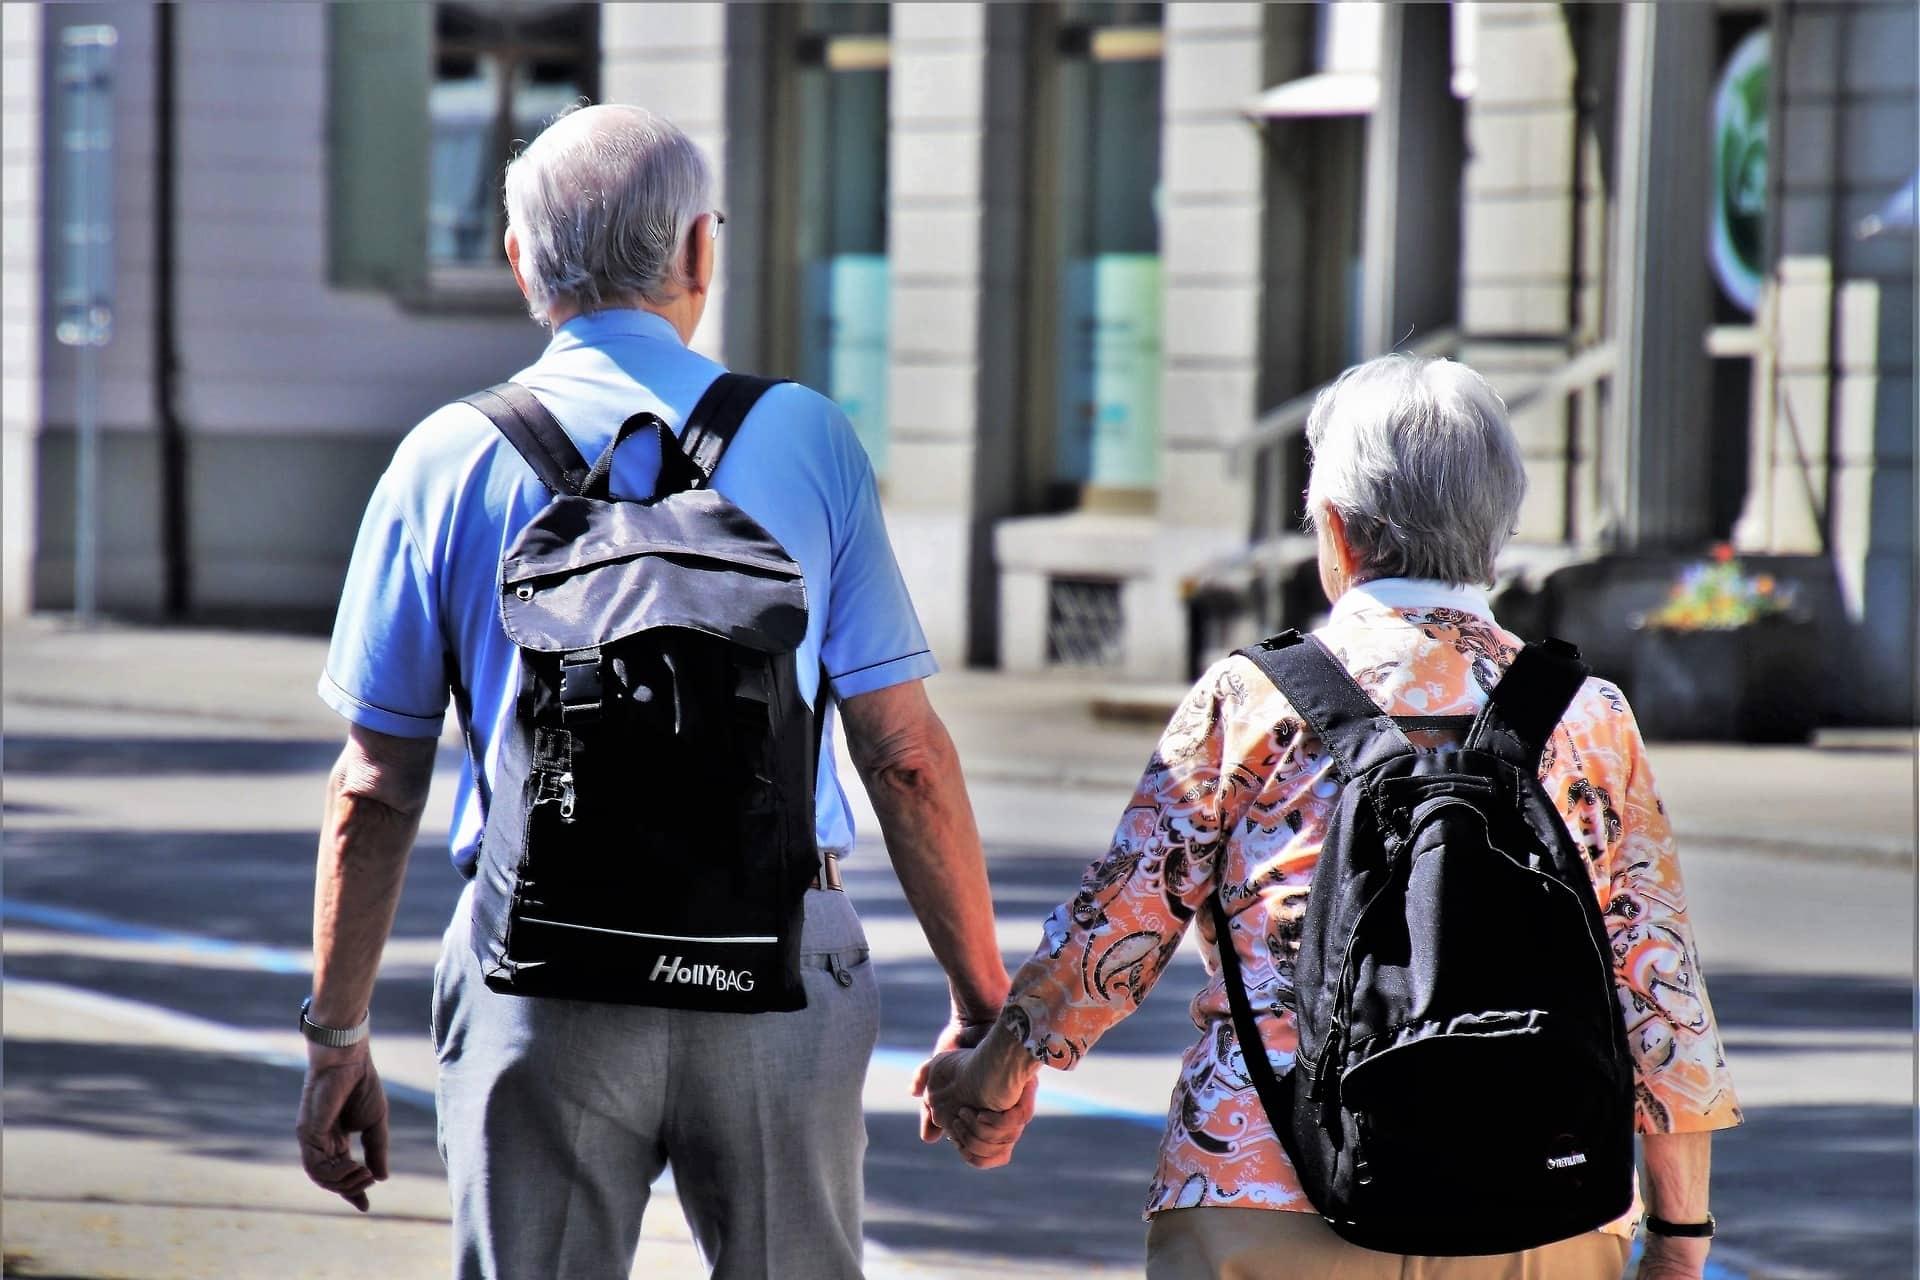 Пешие прогулки снижают тяжесть инсульта, особенно у пожилых людей